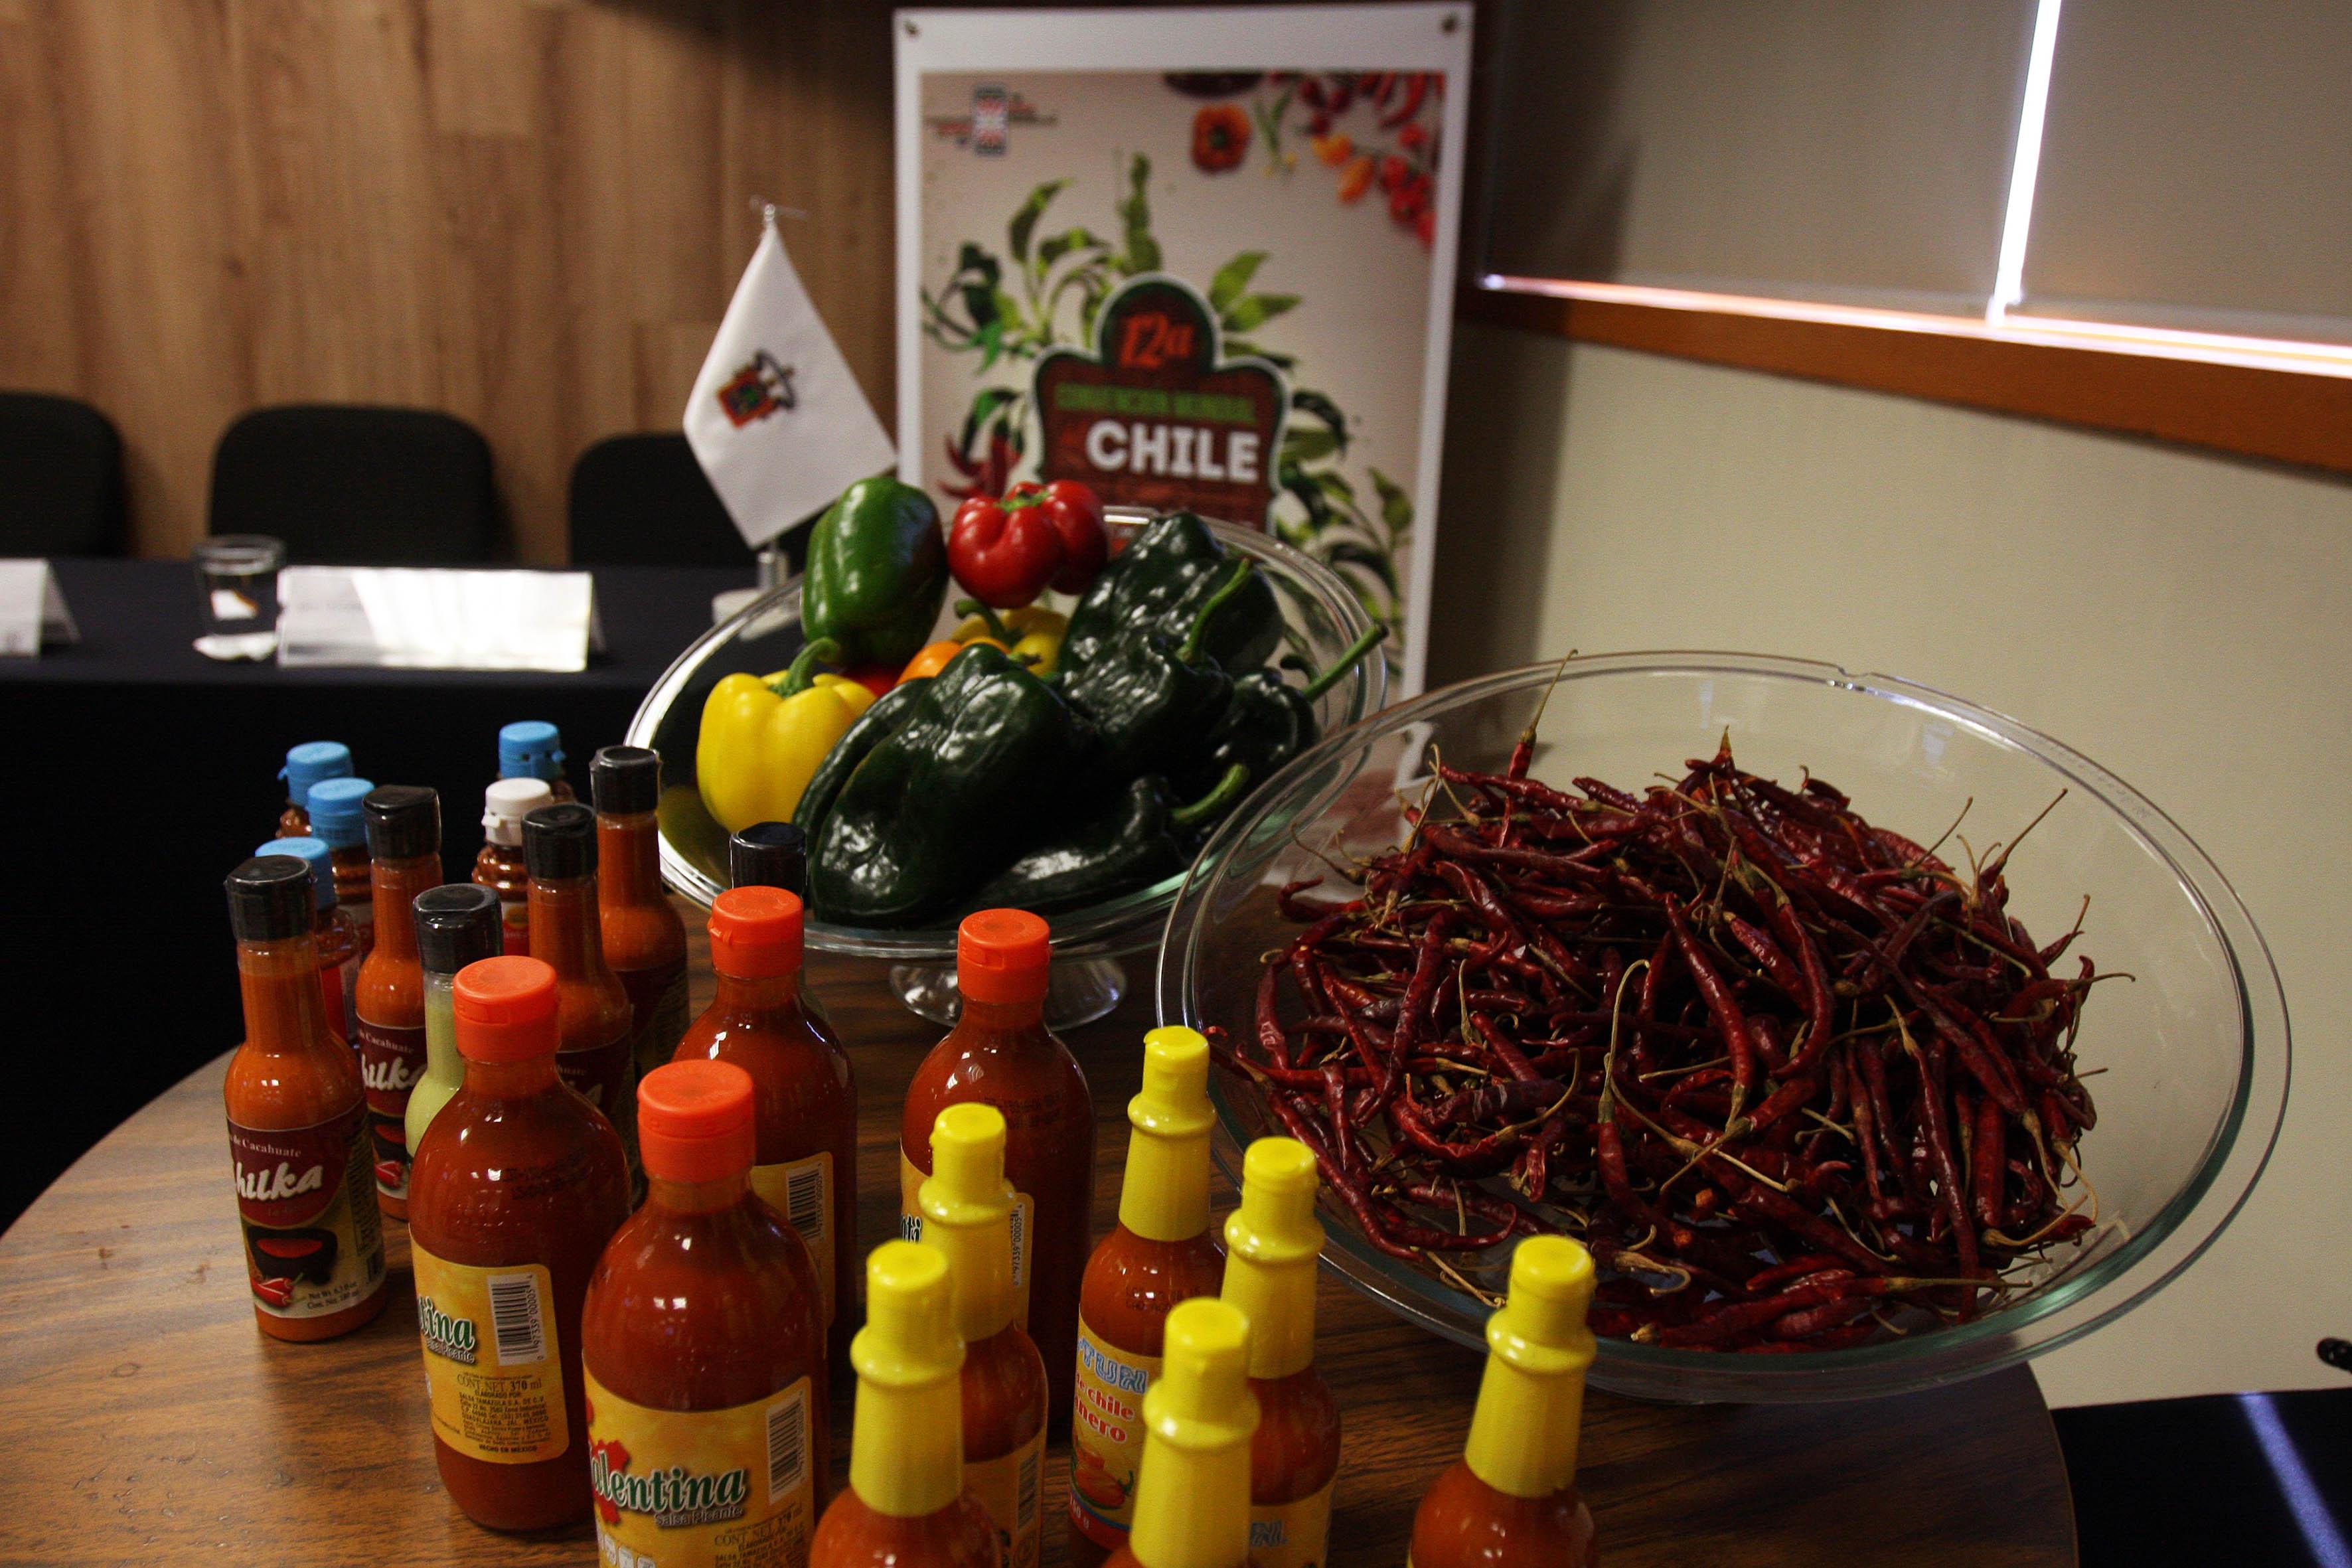 Canastas con chiles frescos y secos y diferentes salsas embotelladas.